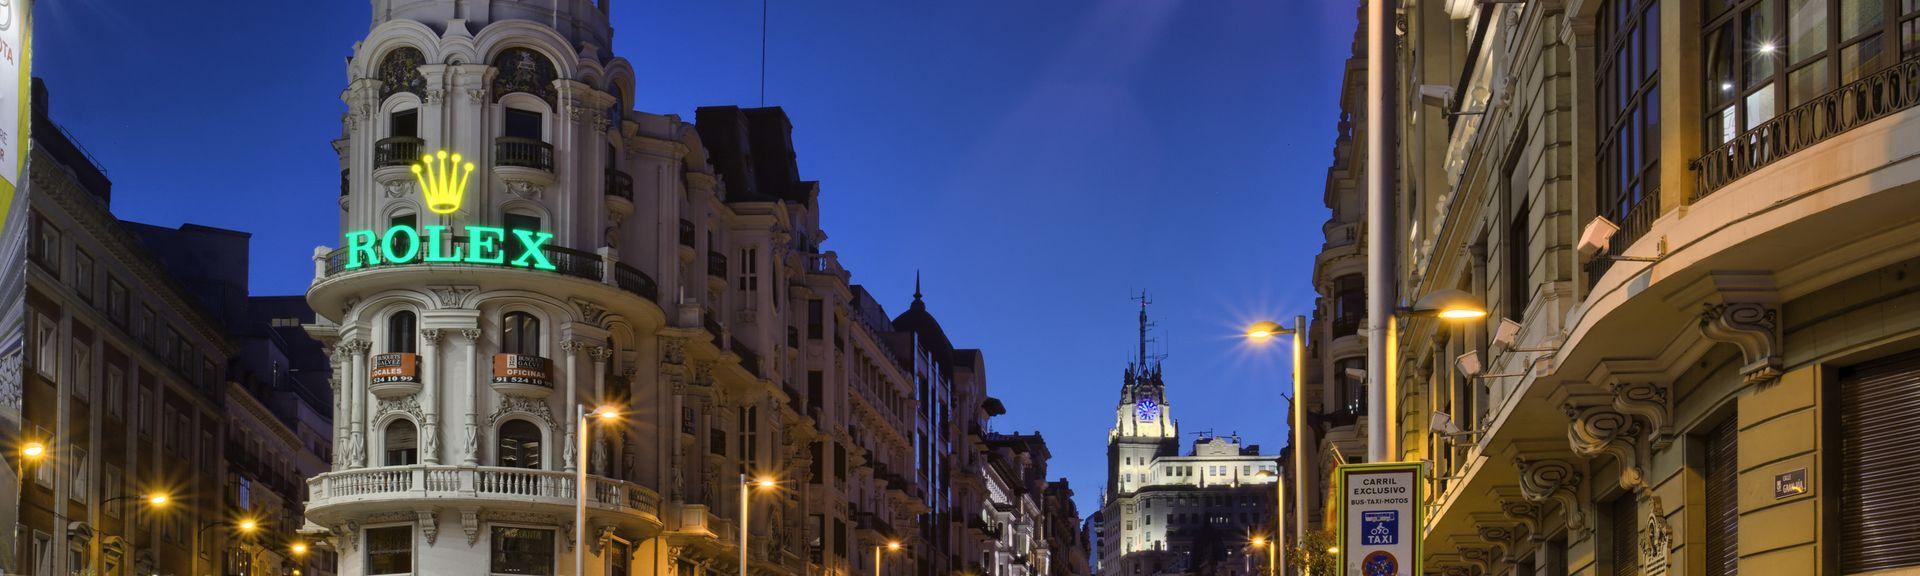 Sol, Madrid, Community of Madrid, Spain